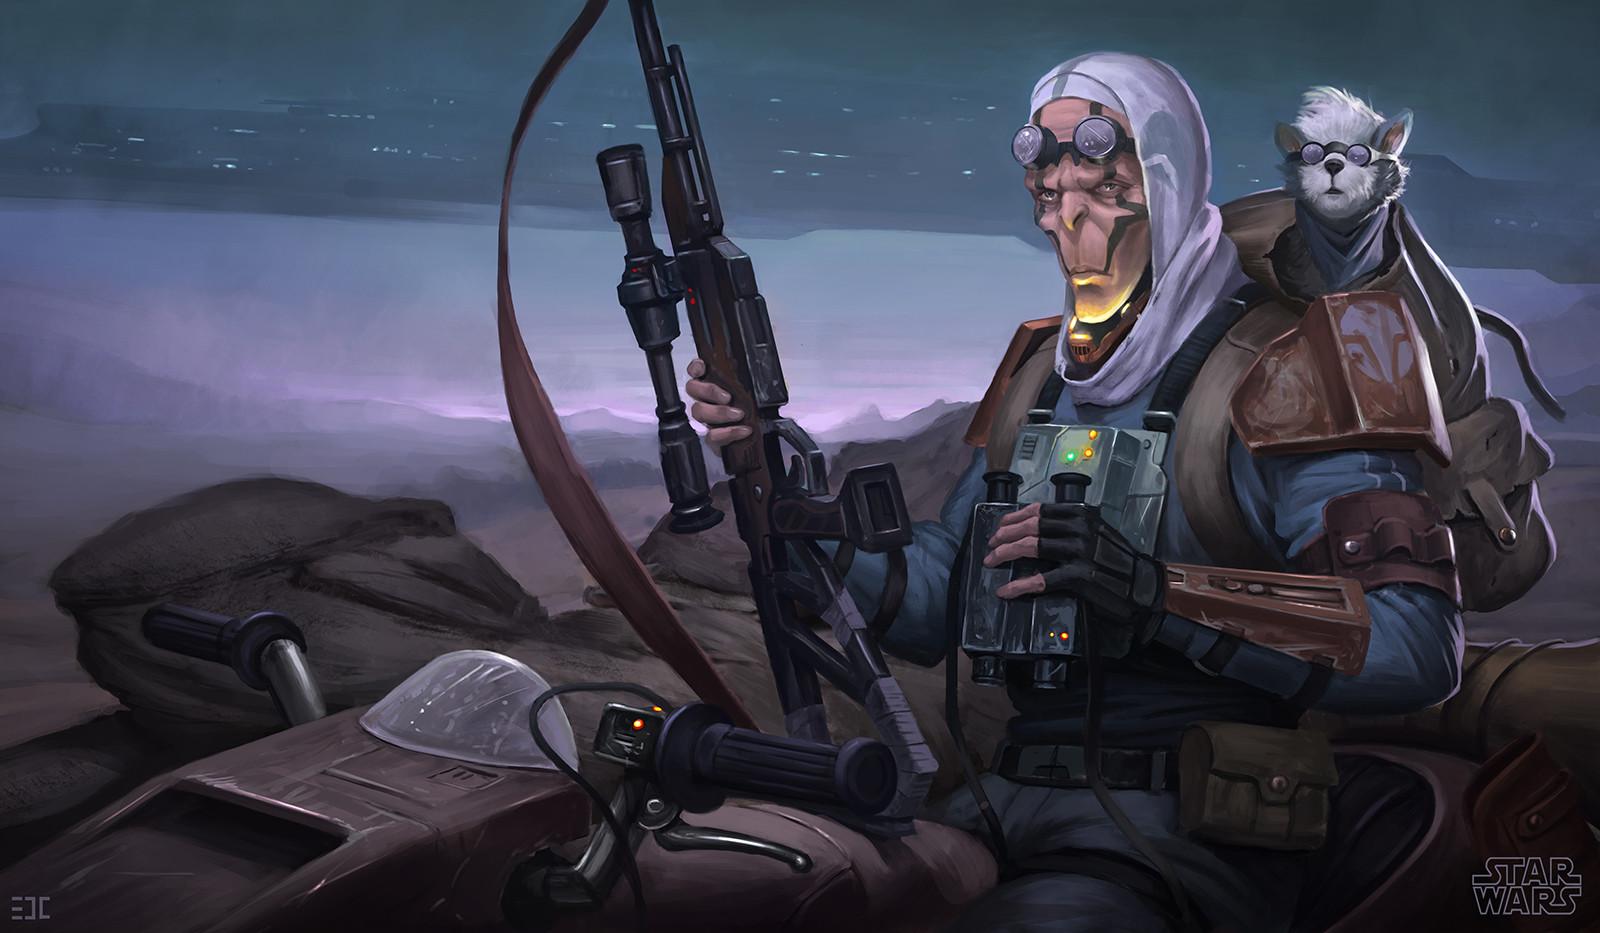 eoghan-cowan-sniper-sw-03.jpg?1489864419